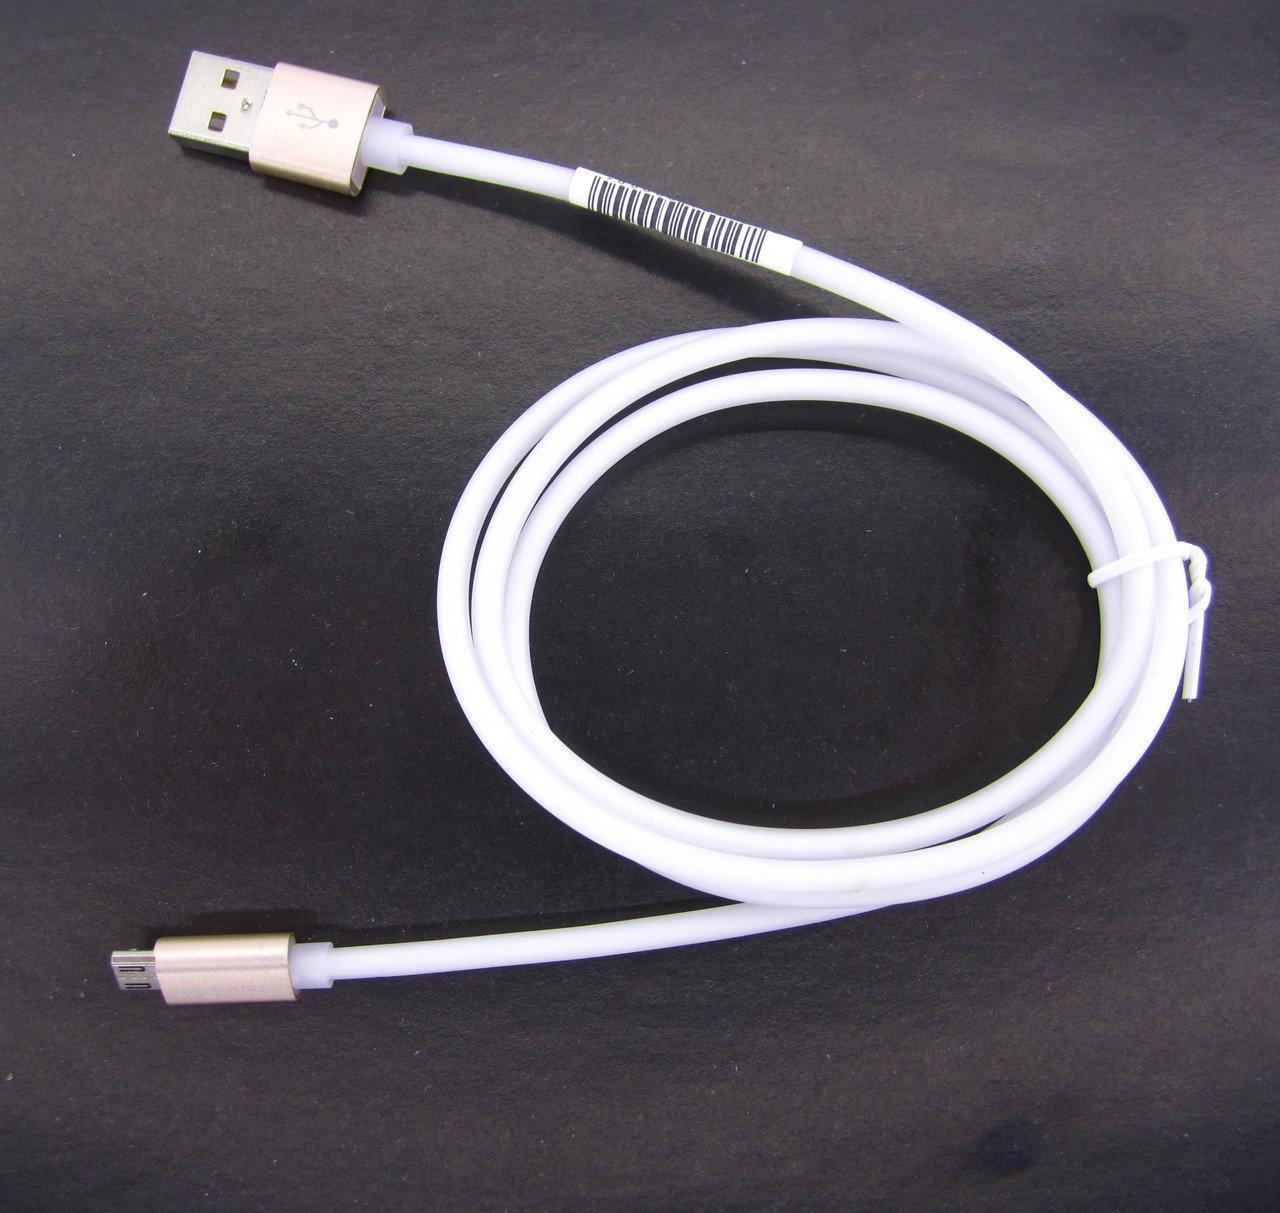 Кабель Usb - Micro USB 1.0 метр Силиконовый, мягкий